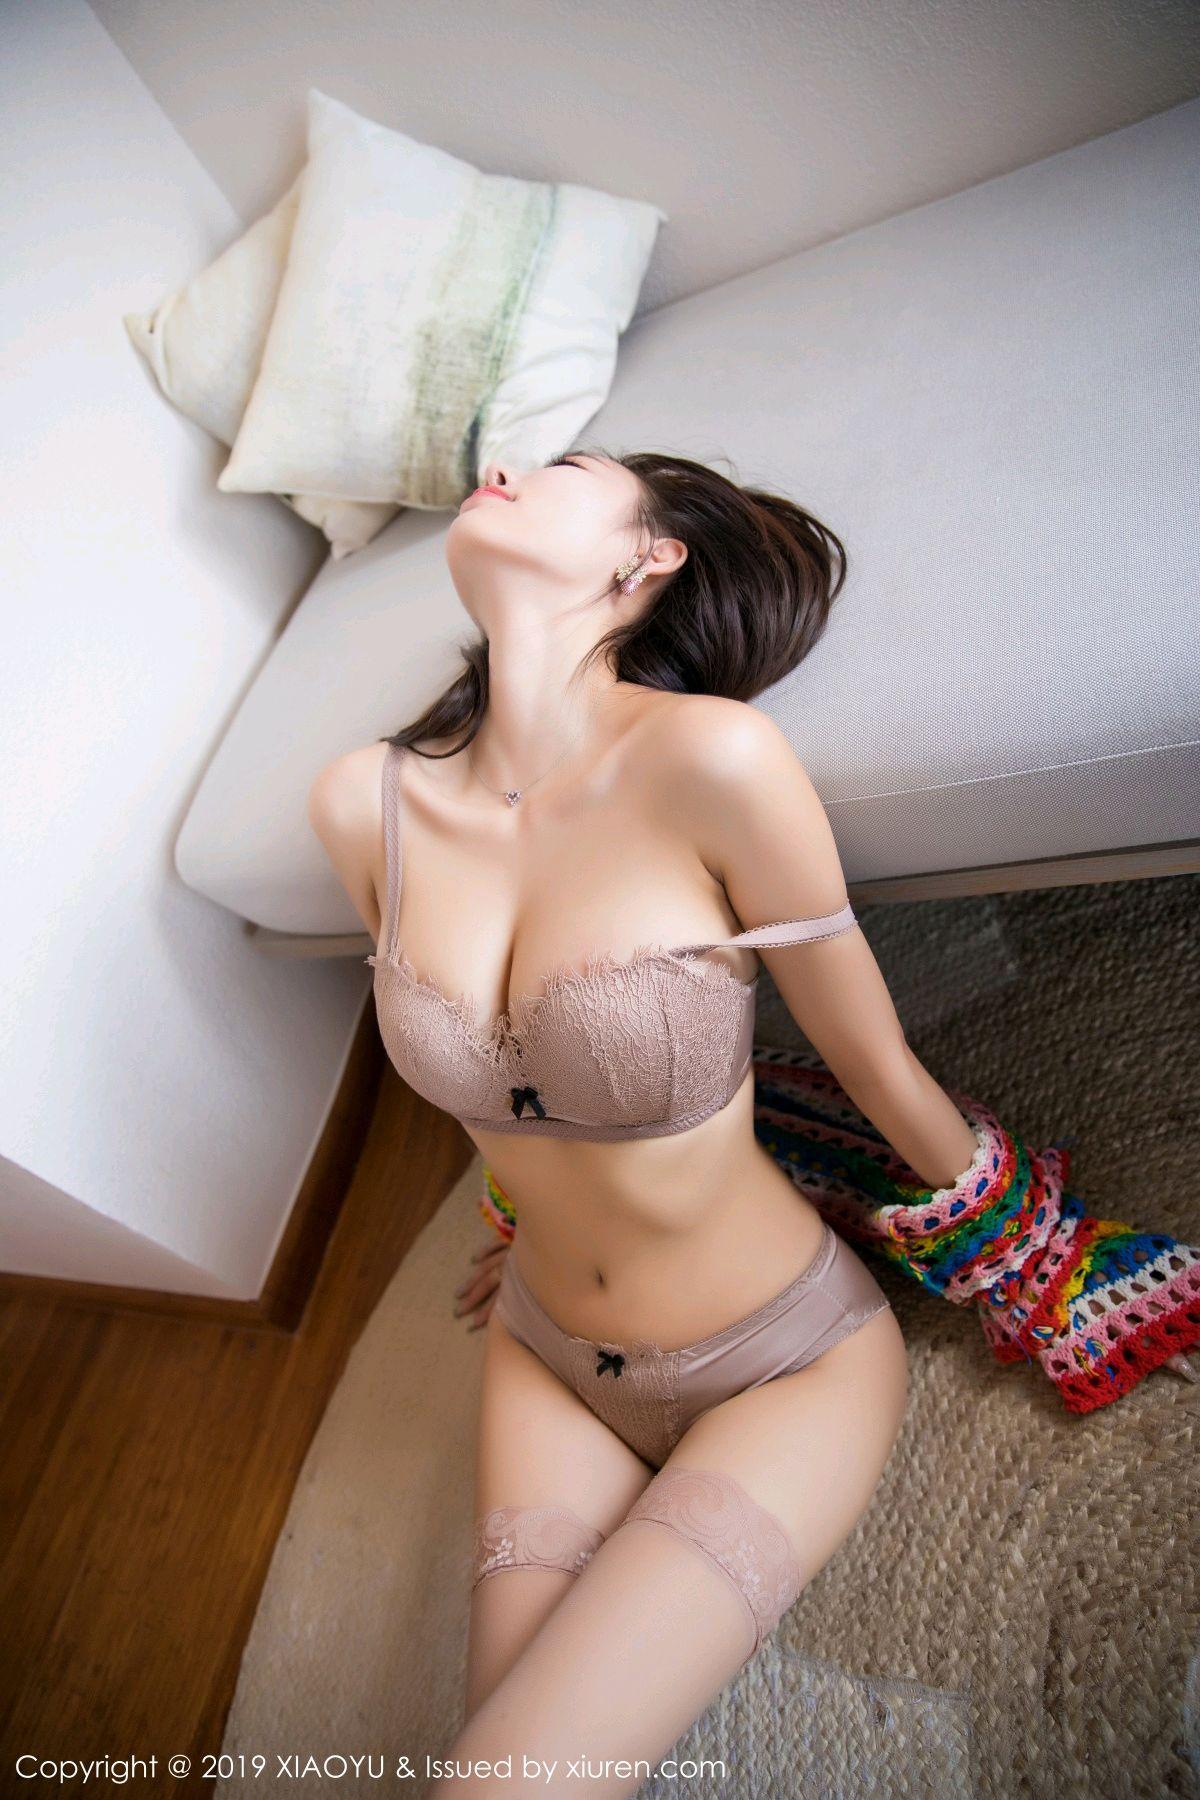 [XiaoYu] Vol.067 Yang Chen Chen 5P, Beach, Underwear, XiaoYu, Yang Chen Chen